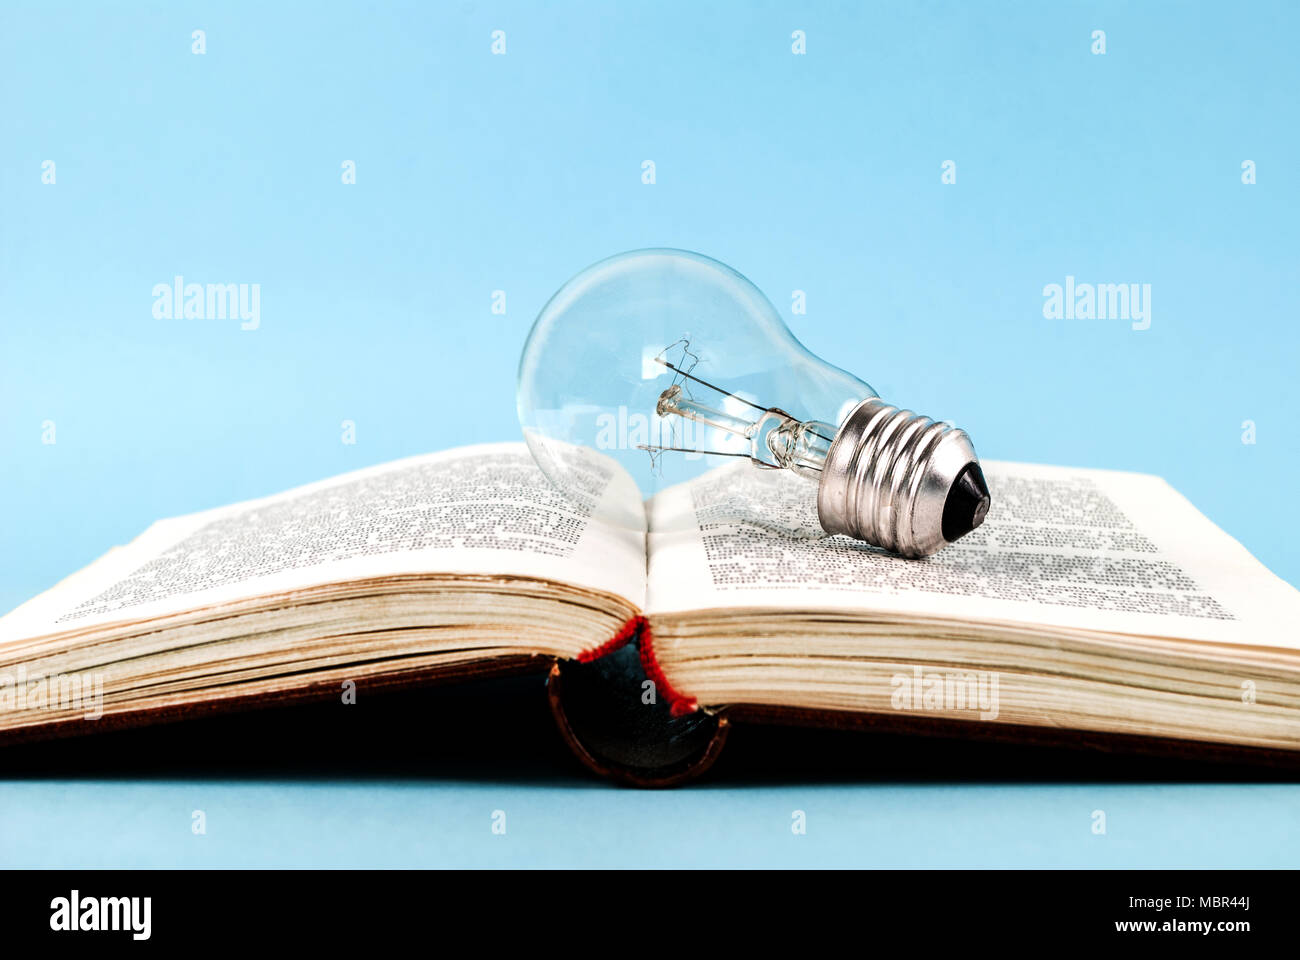 Livre Ouvert Sur L Ampoule Isole Sur Un Fond Bleu Banque D